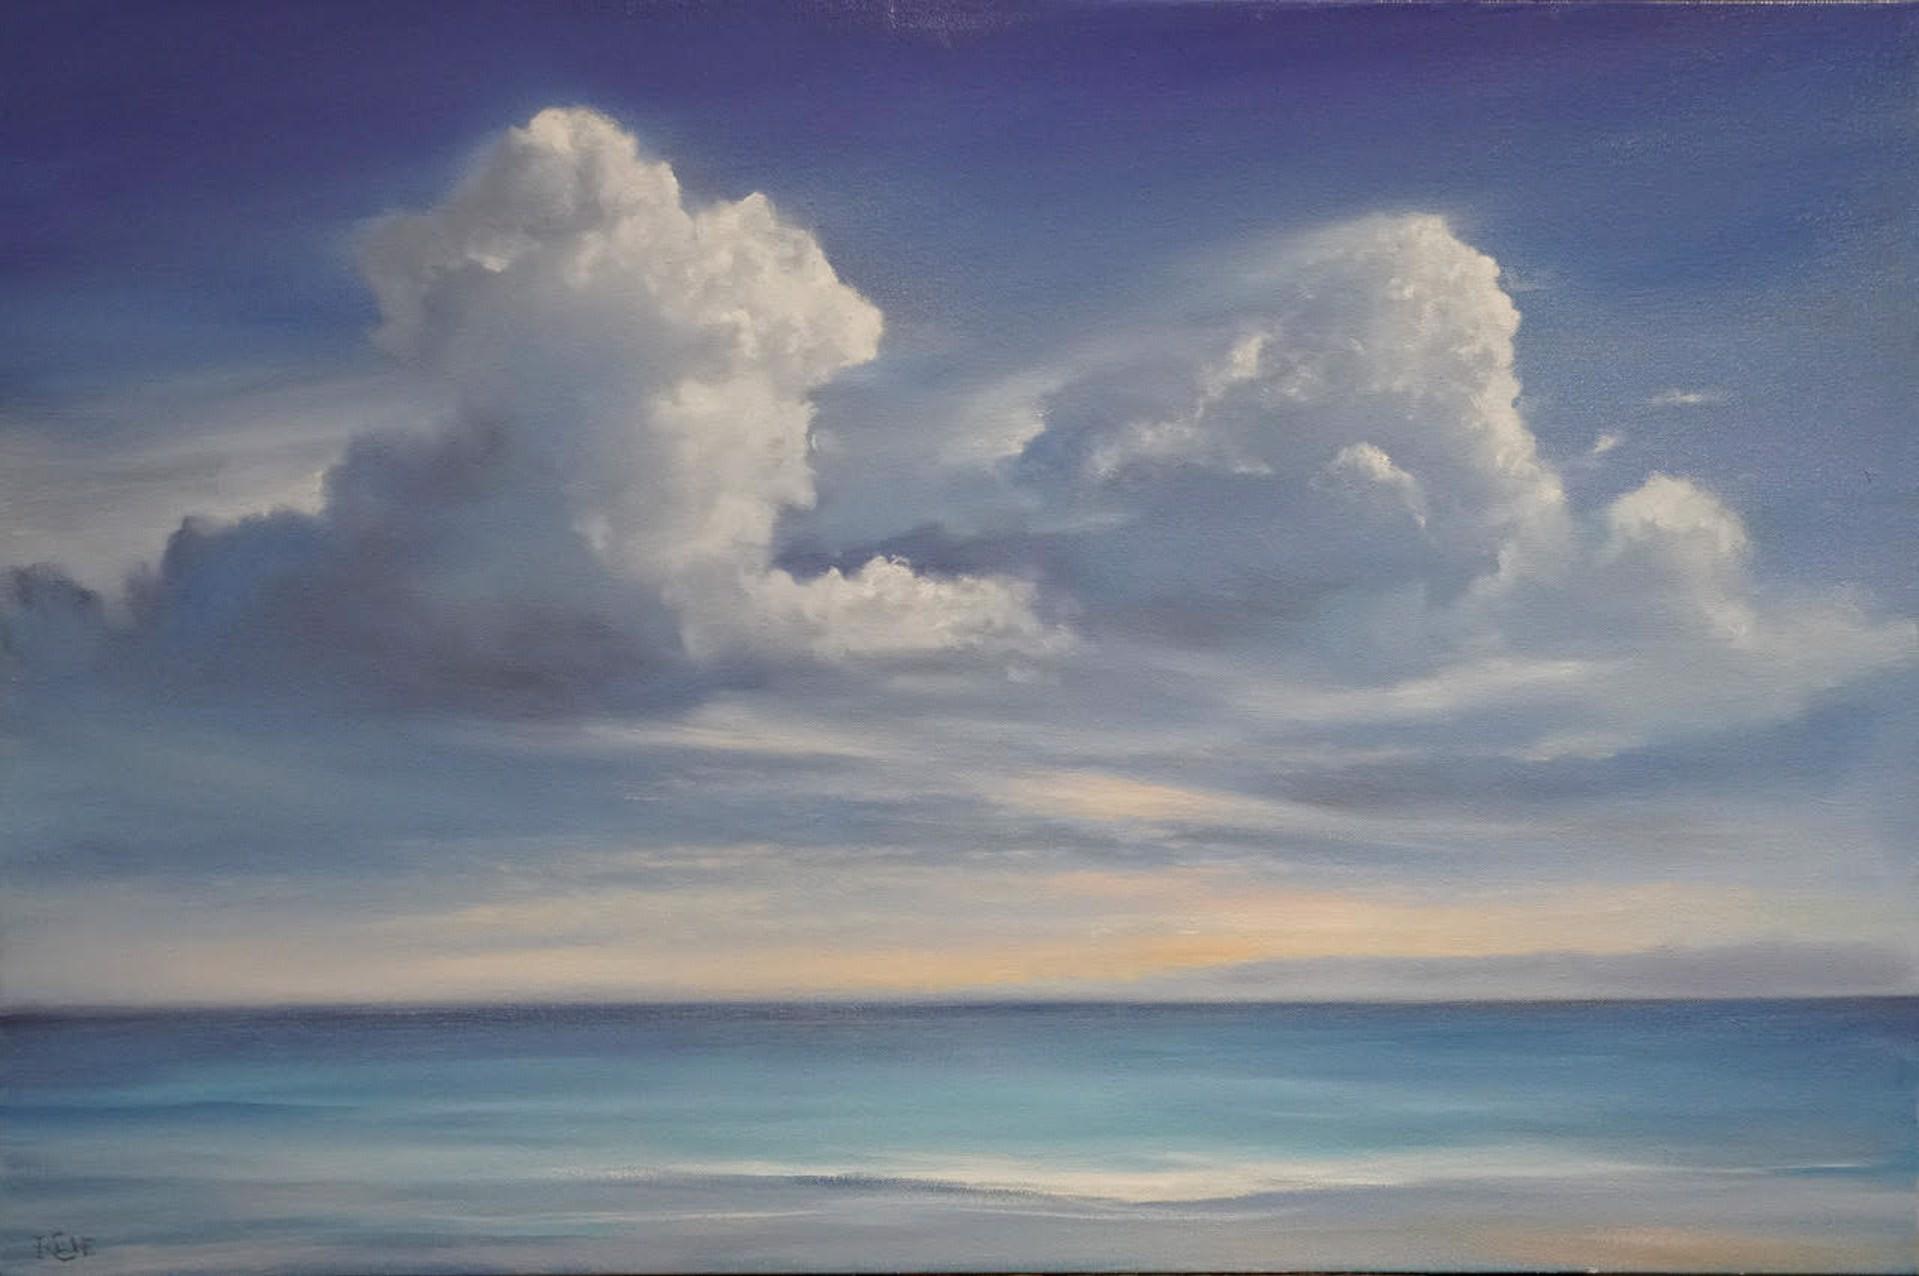 Windswept by Cheryl Kline